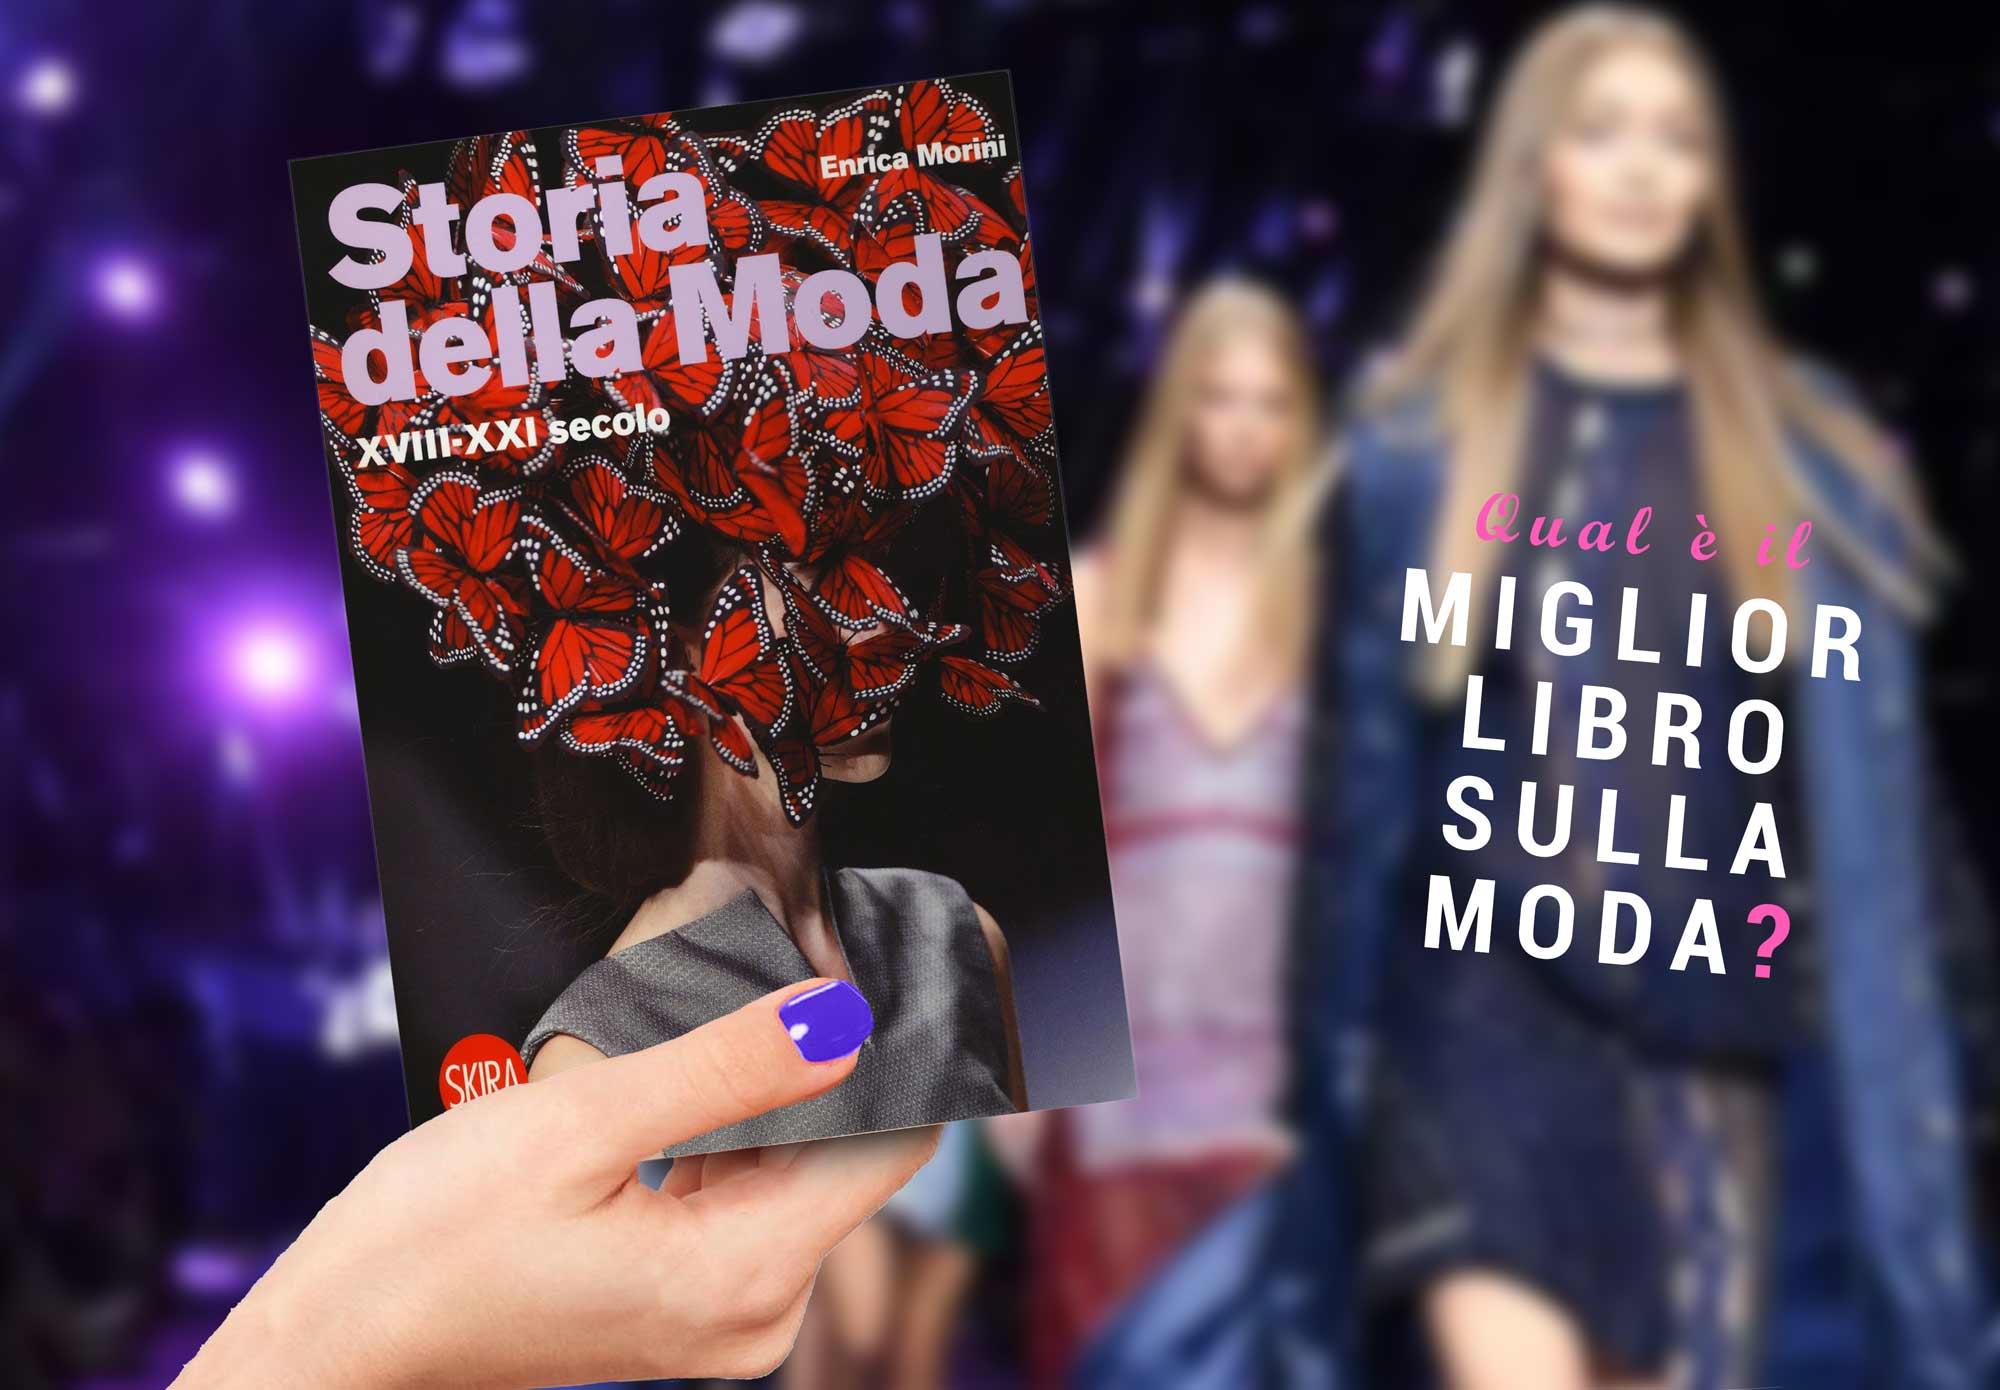 libro-sulla-moda-da-leggere